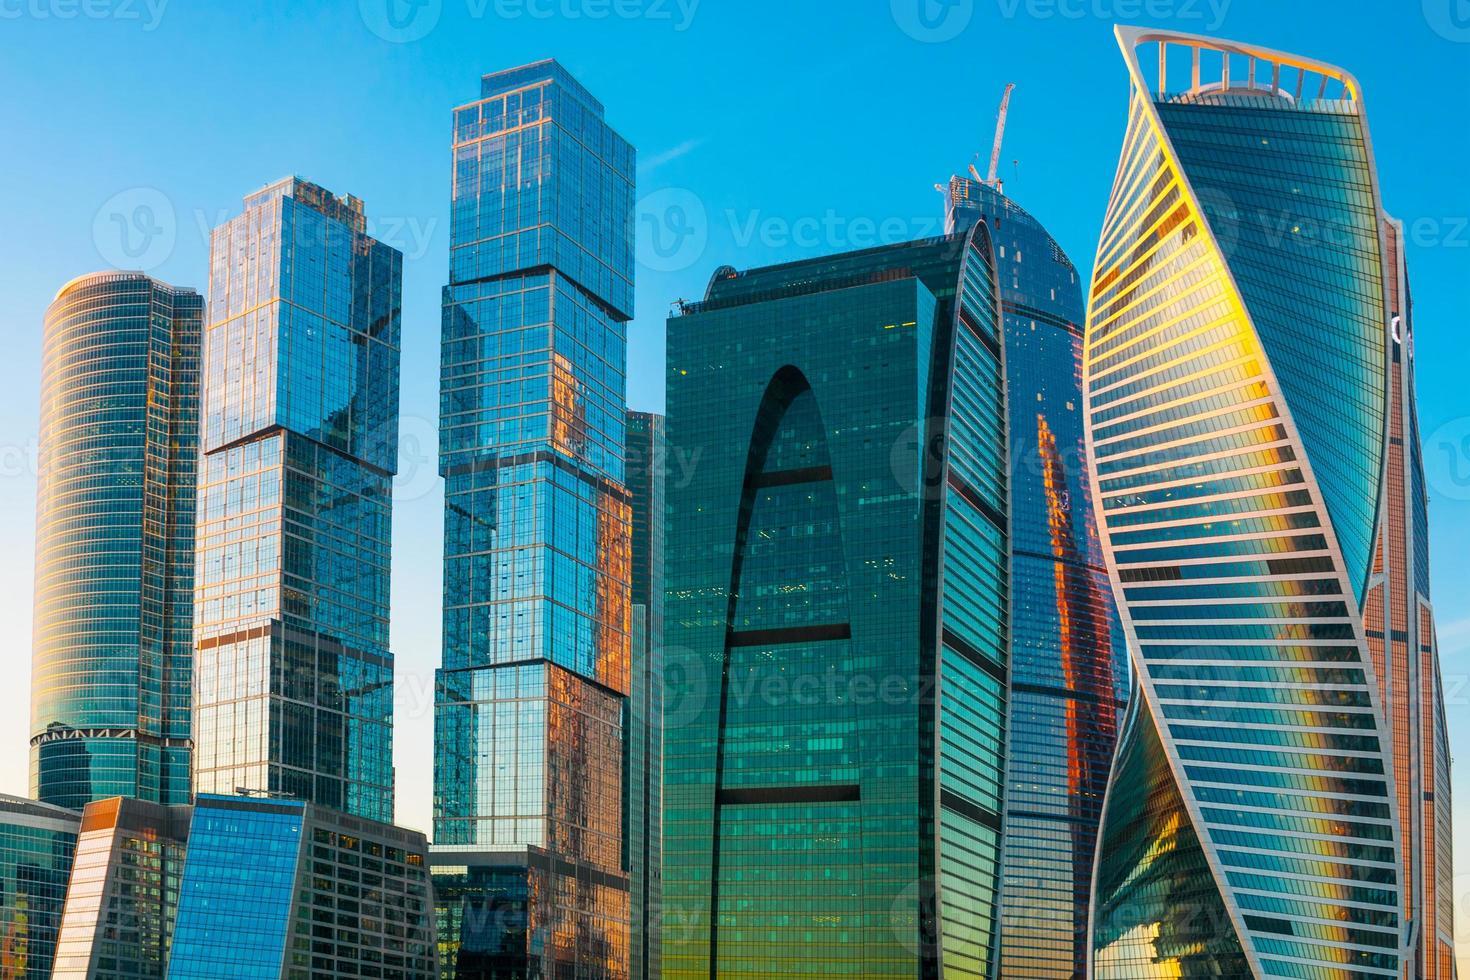 arranha-céus modernos da cidade de Moscou, Rússia foto